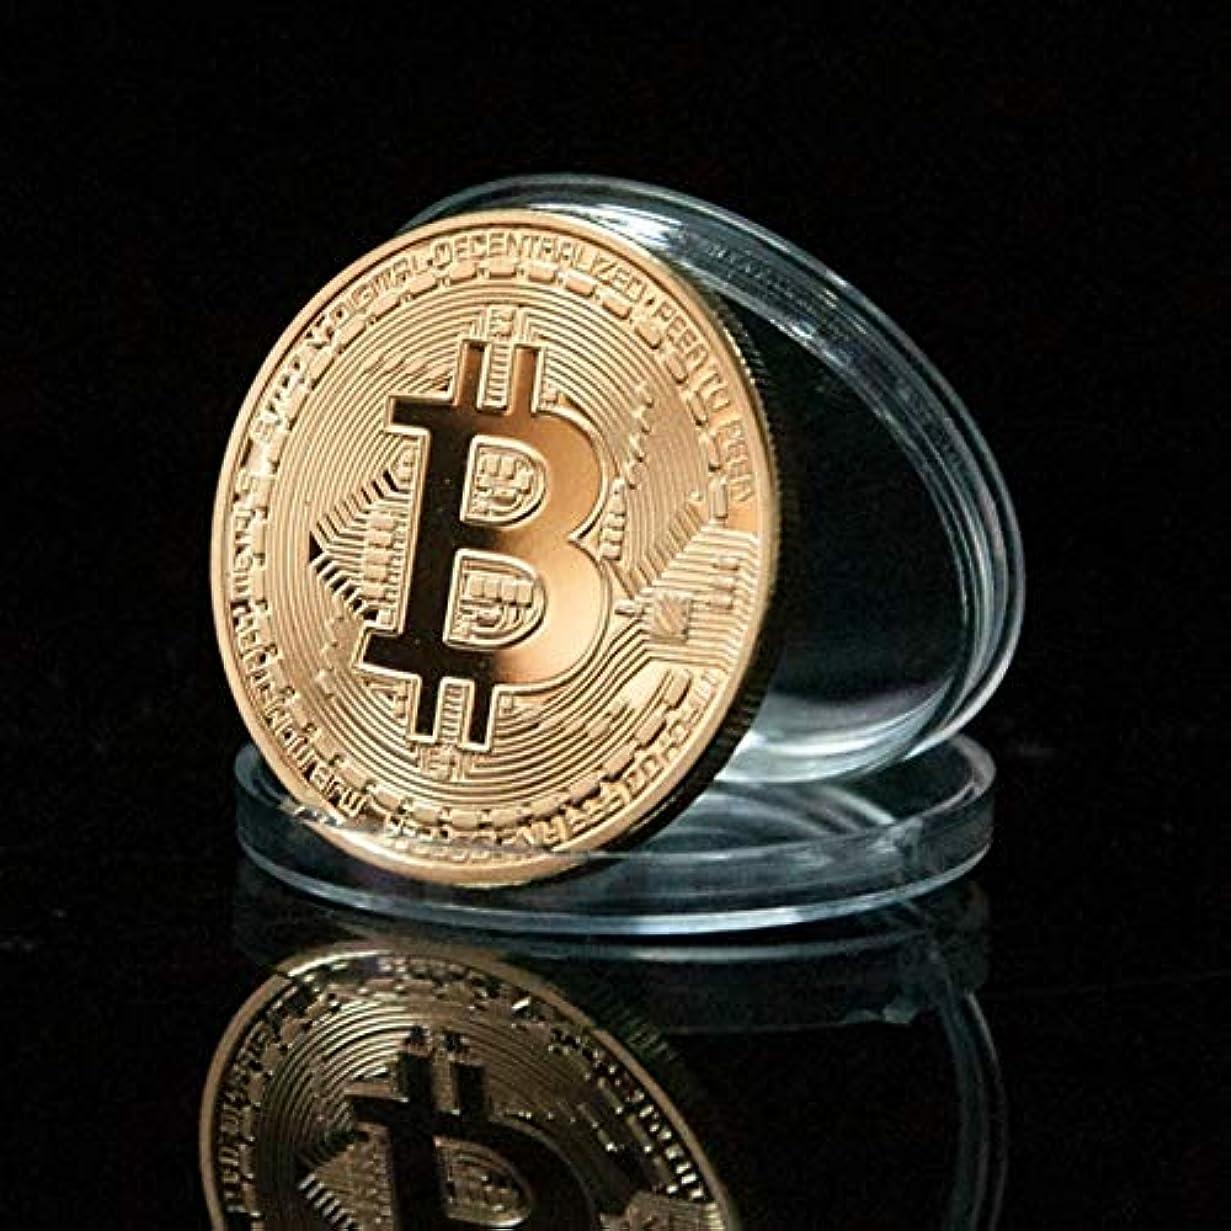 ビュッフェ雪個性Jicorzo - ゴールドメッキ物理Bitcoins - お土産新年のギフトのためのケースでは、各CasasciusビットコインBTCの1